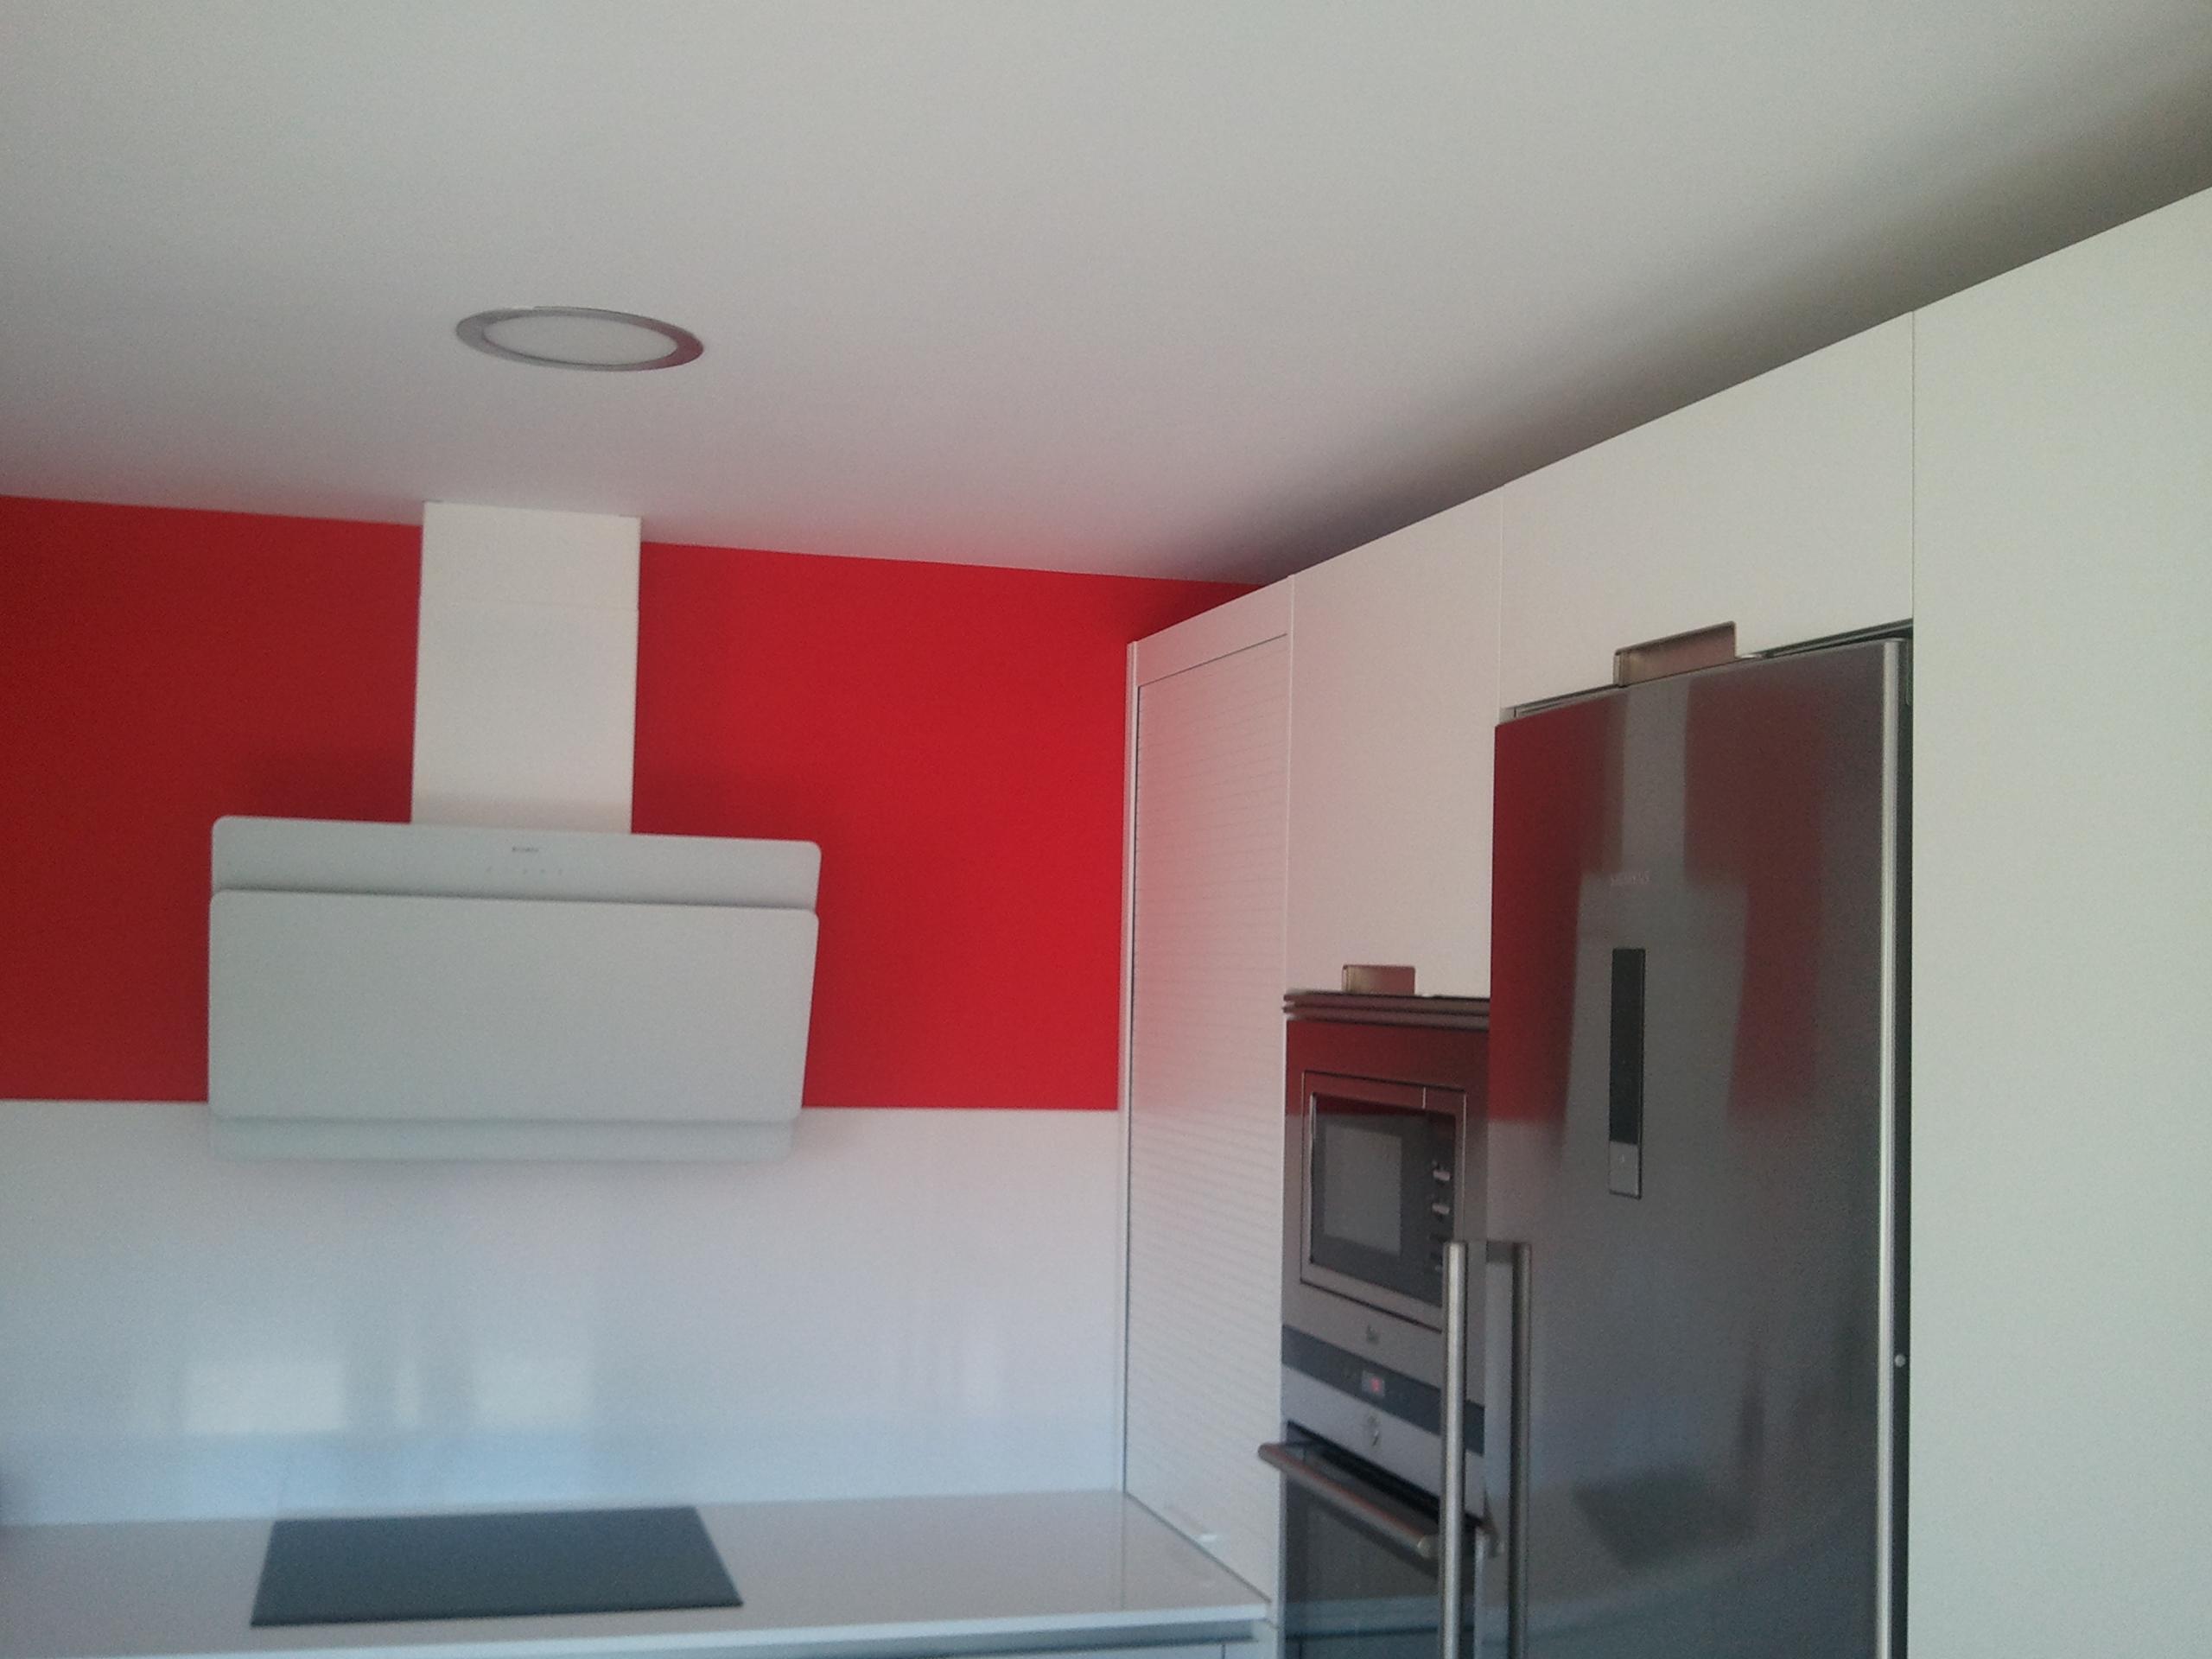 Cocina Plastico Blanco y Esmalte al Agua Color Rojo 2